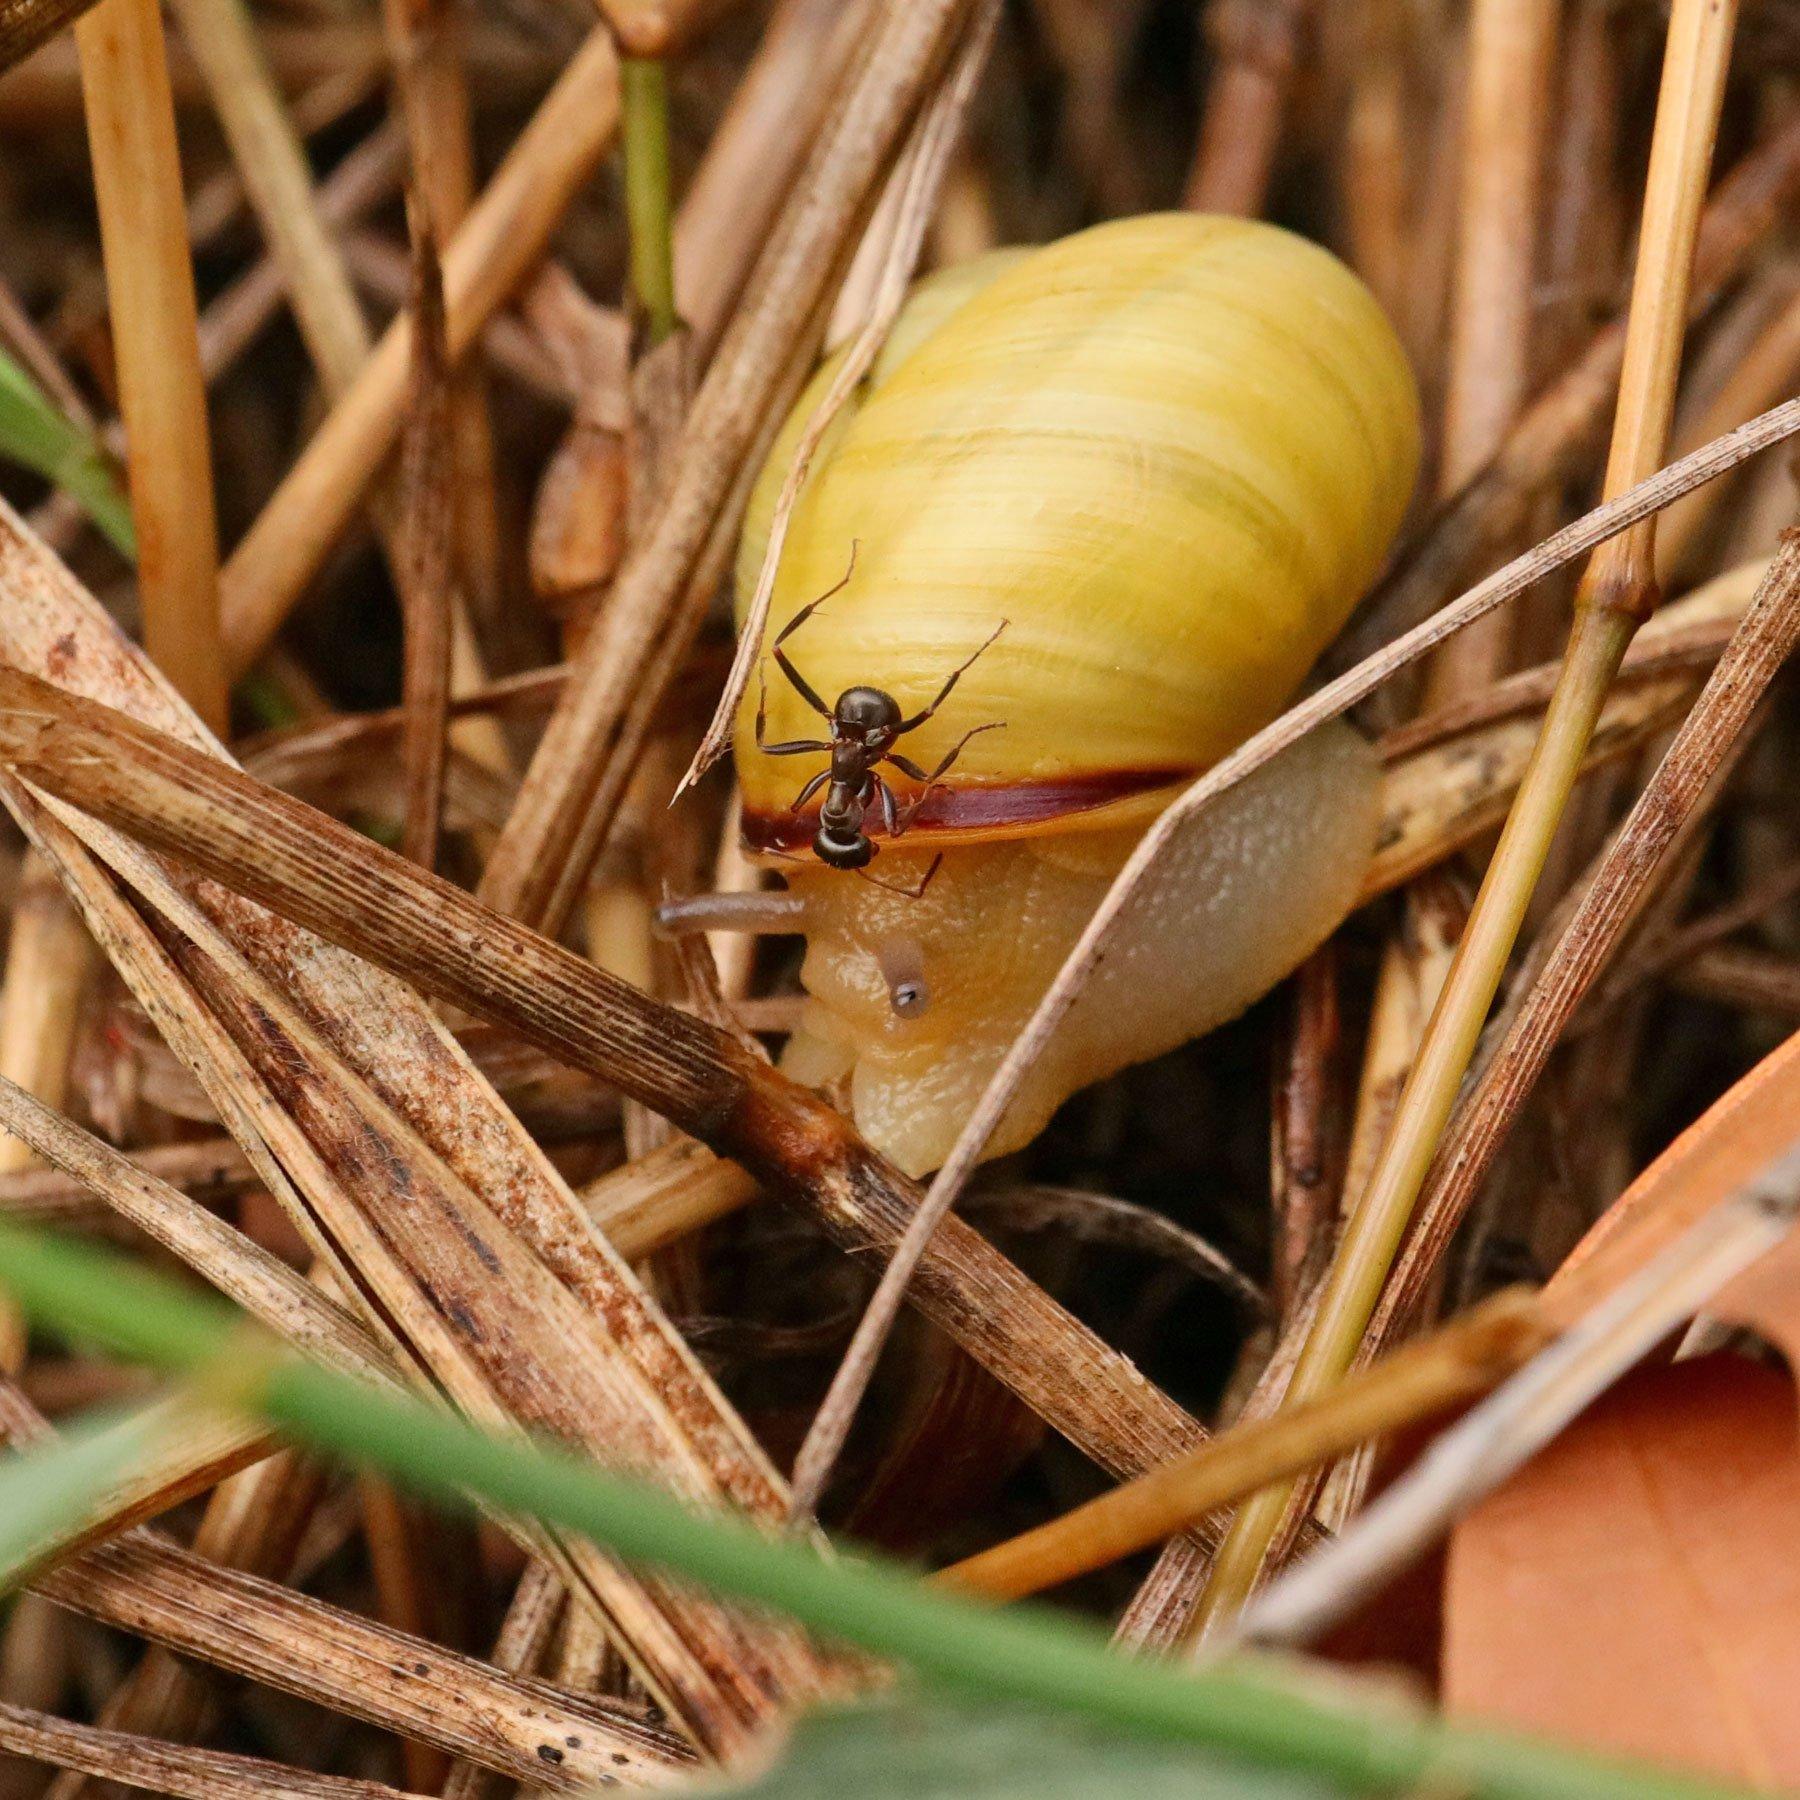 Ameise auf Bänderschnecke